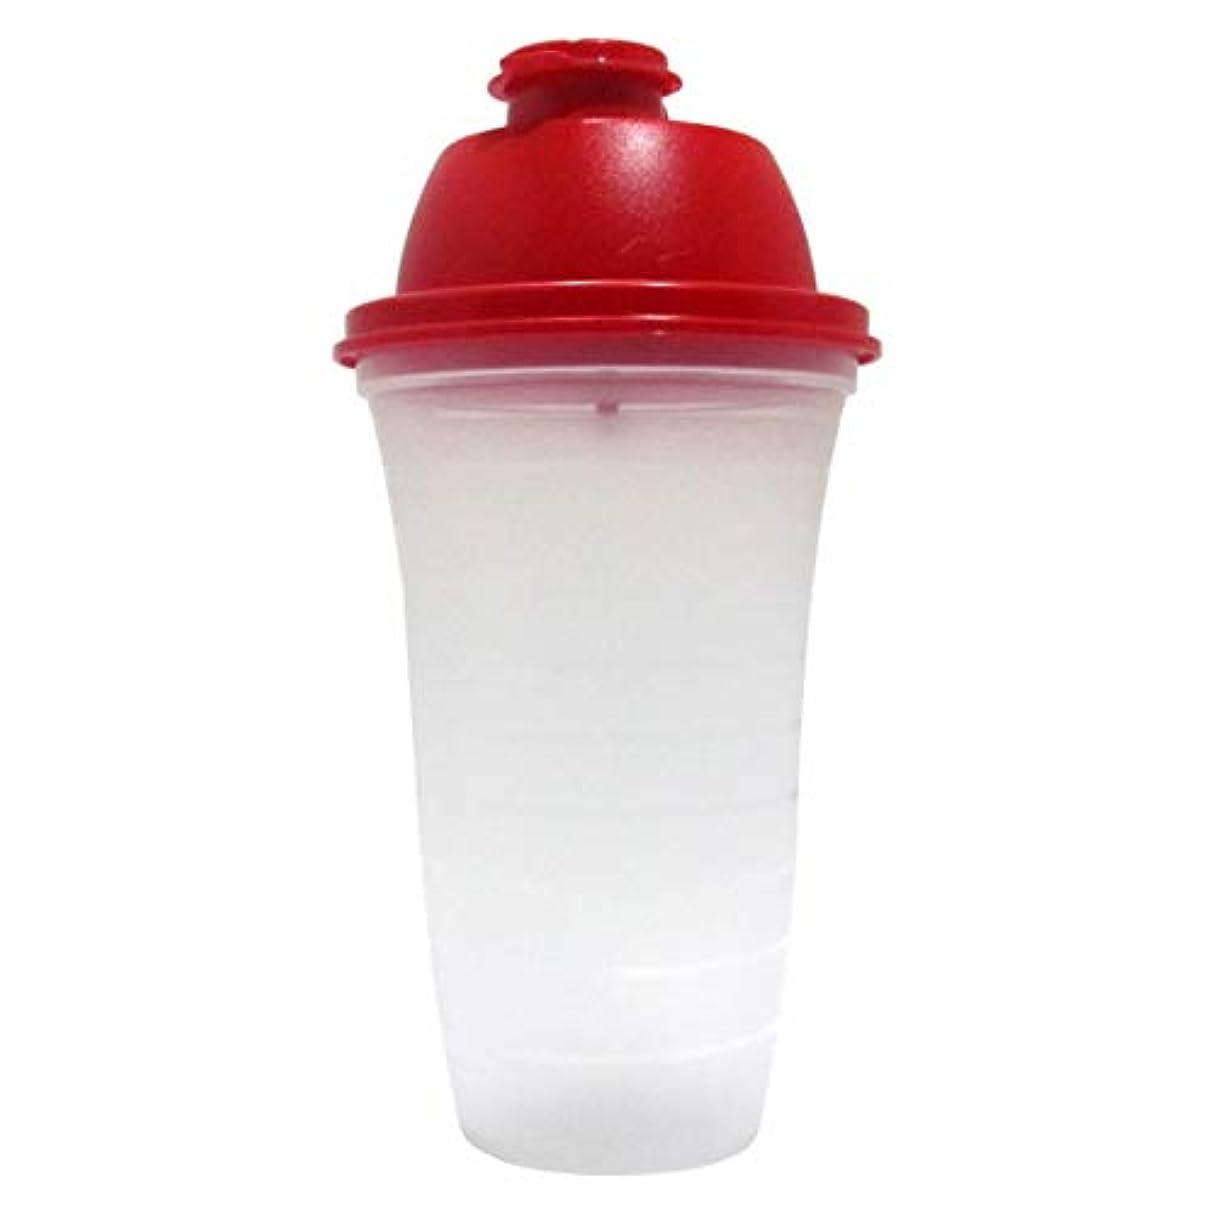 すでにますます値AVS STORE ® Tupperware CupクイックShaker 500 ml